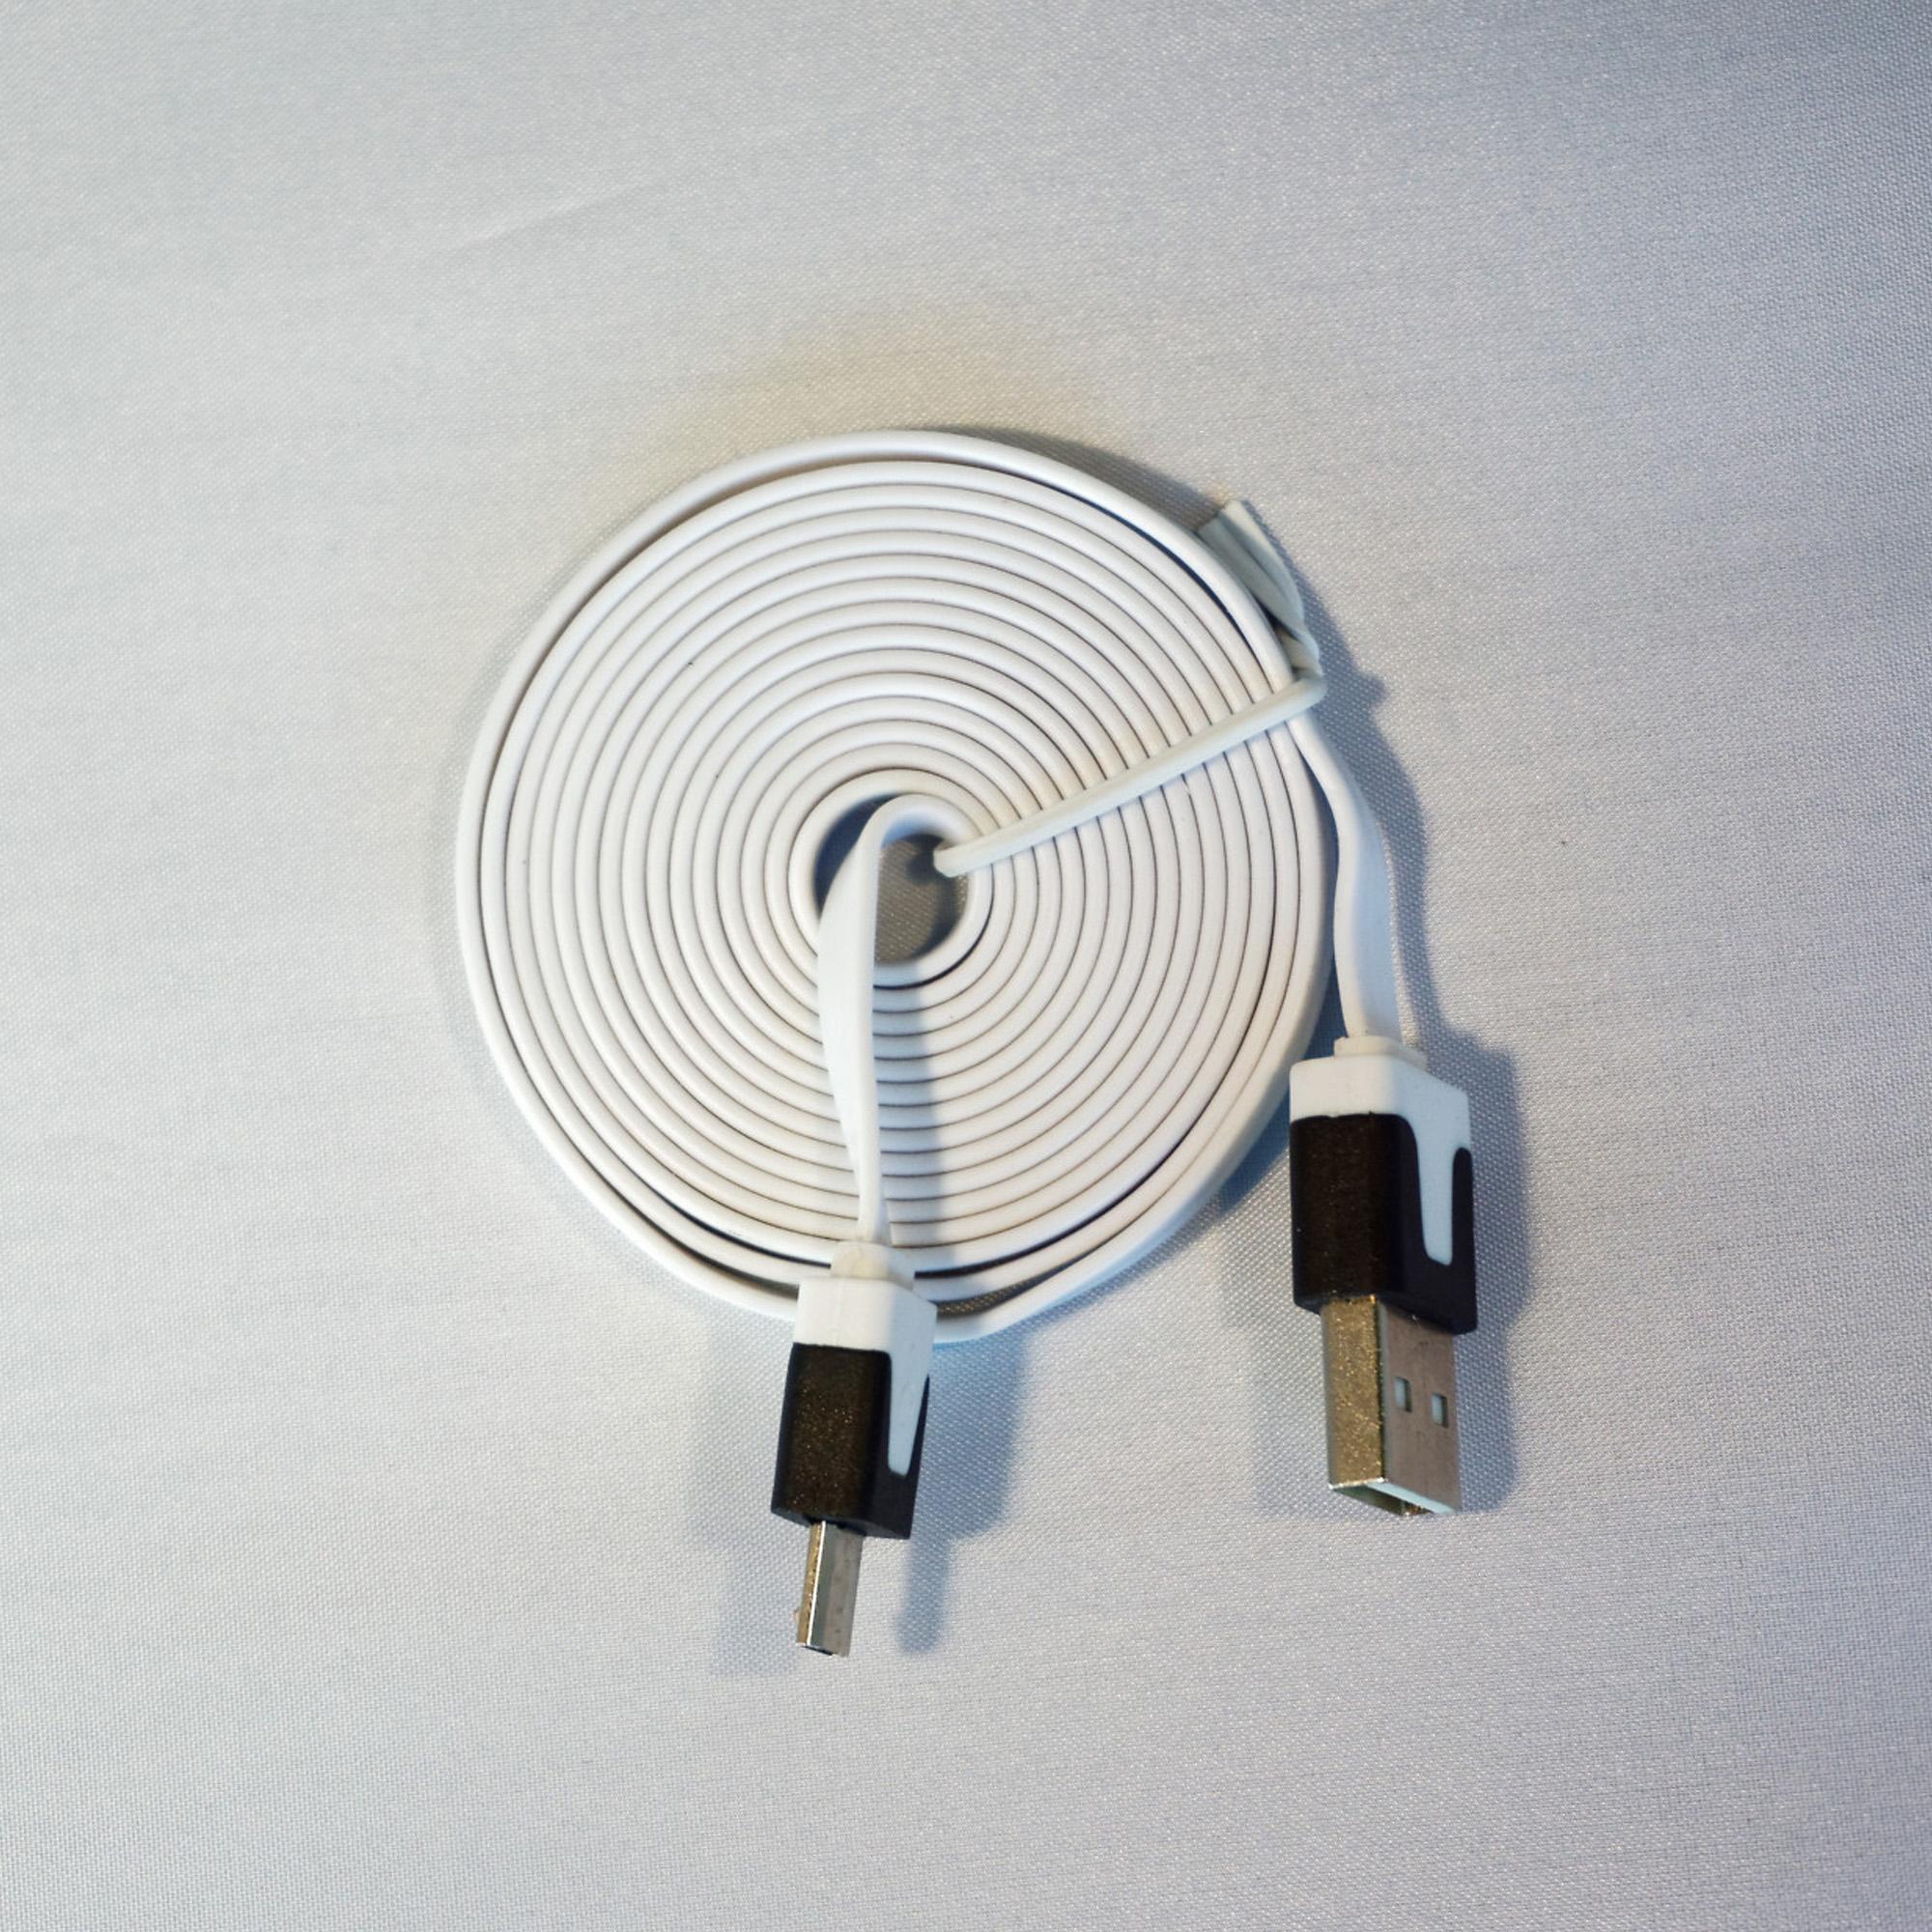 Großzügig 224 Elektrische Kabel Und Kabel Galerie - Die Besten ...